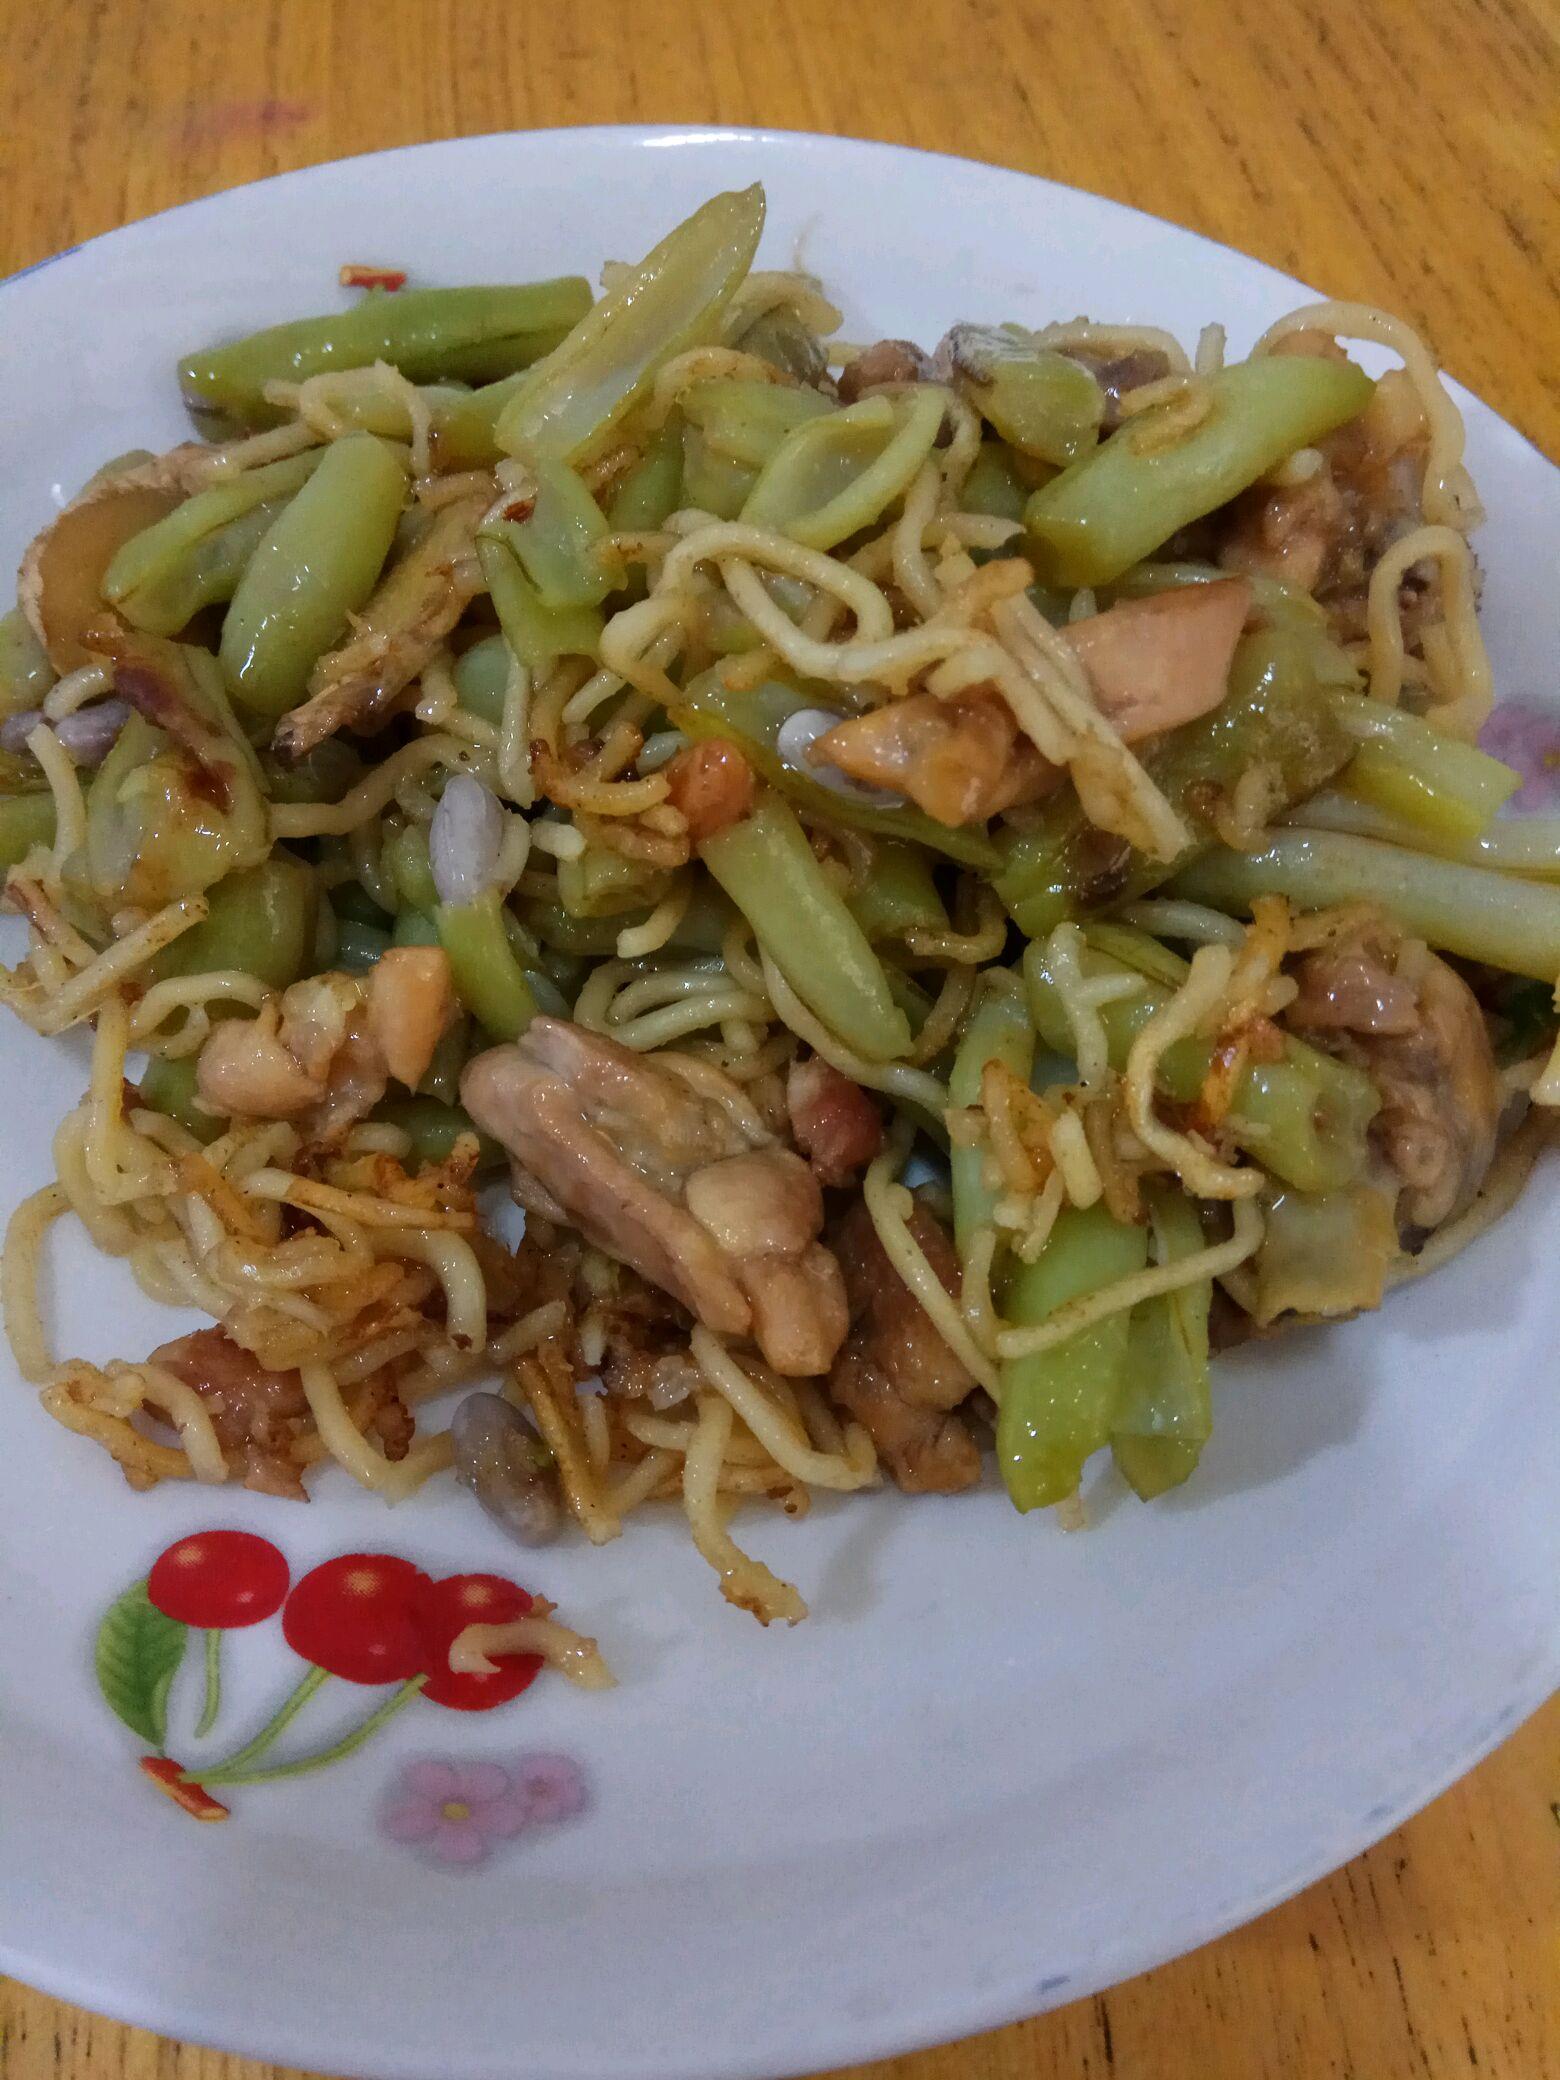 蒸莲子的菜谱_面条_豆果党参猪心炖美食和做法图片